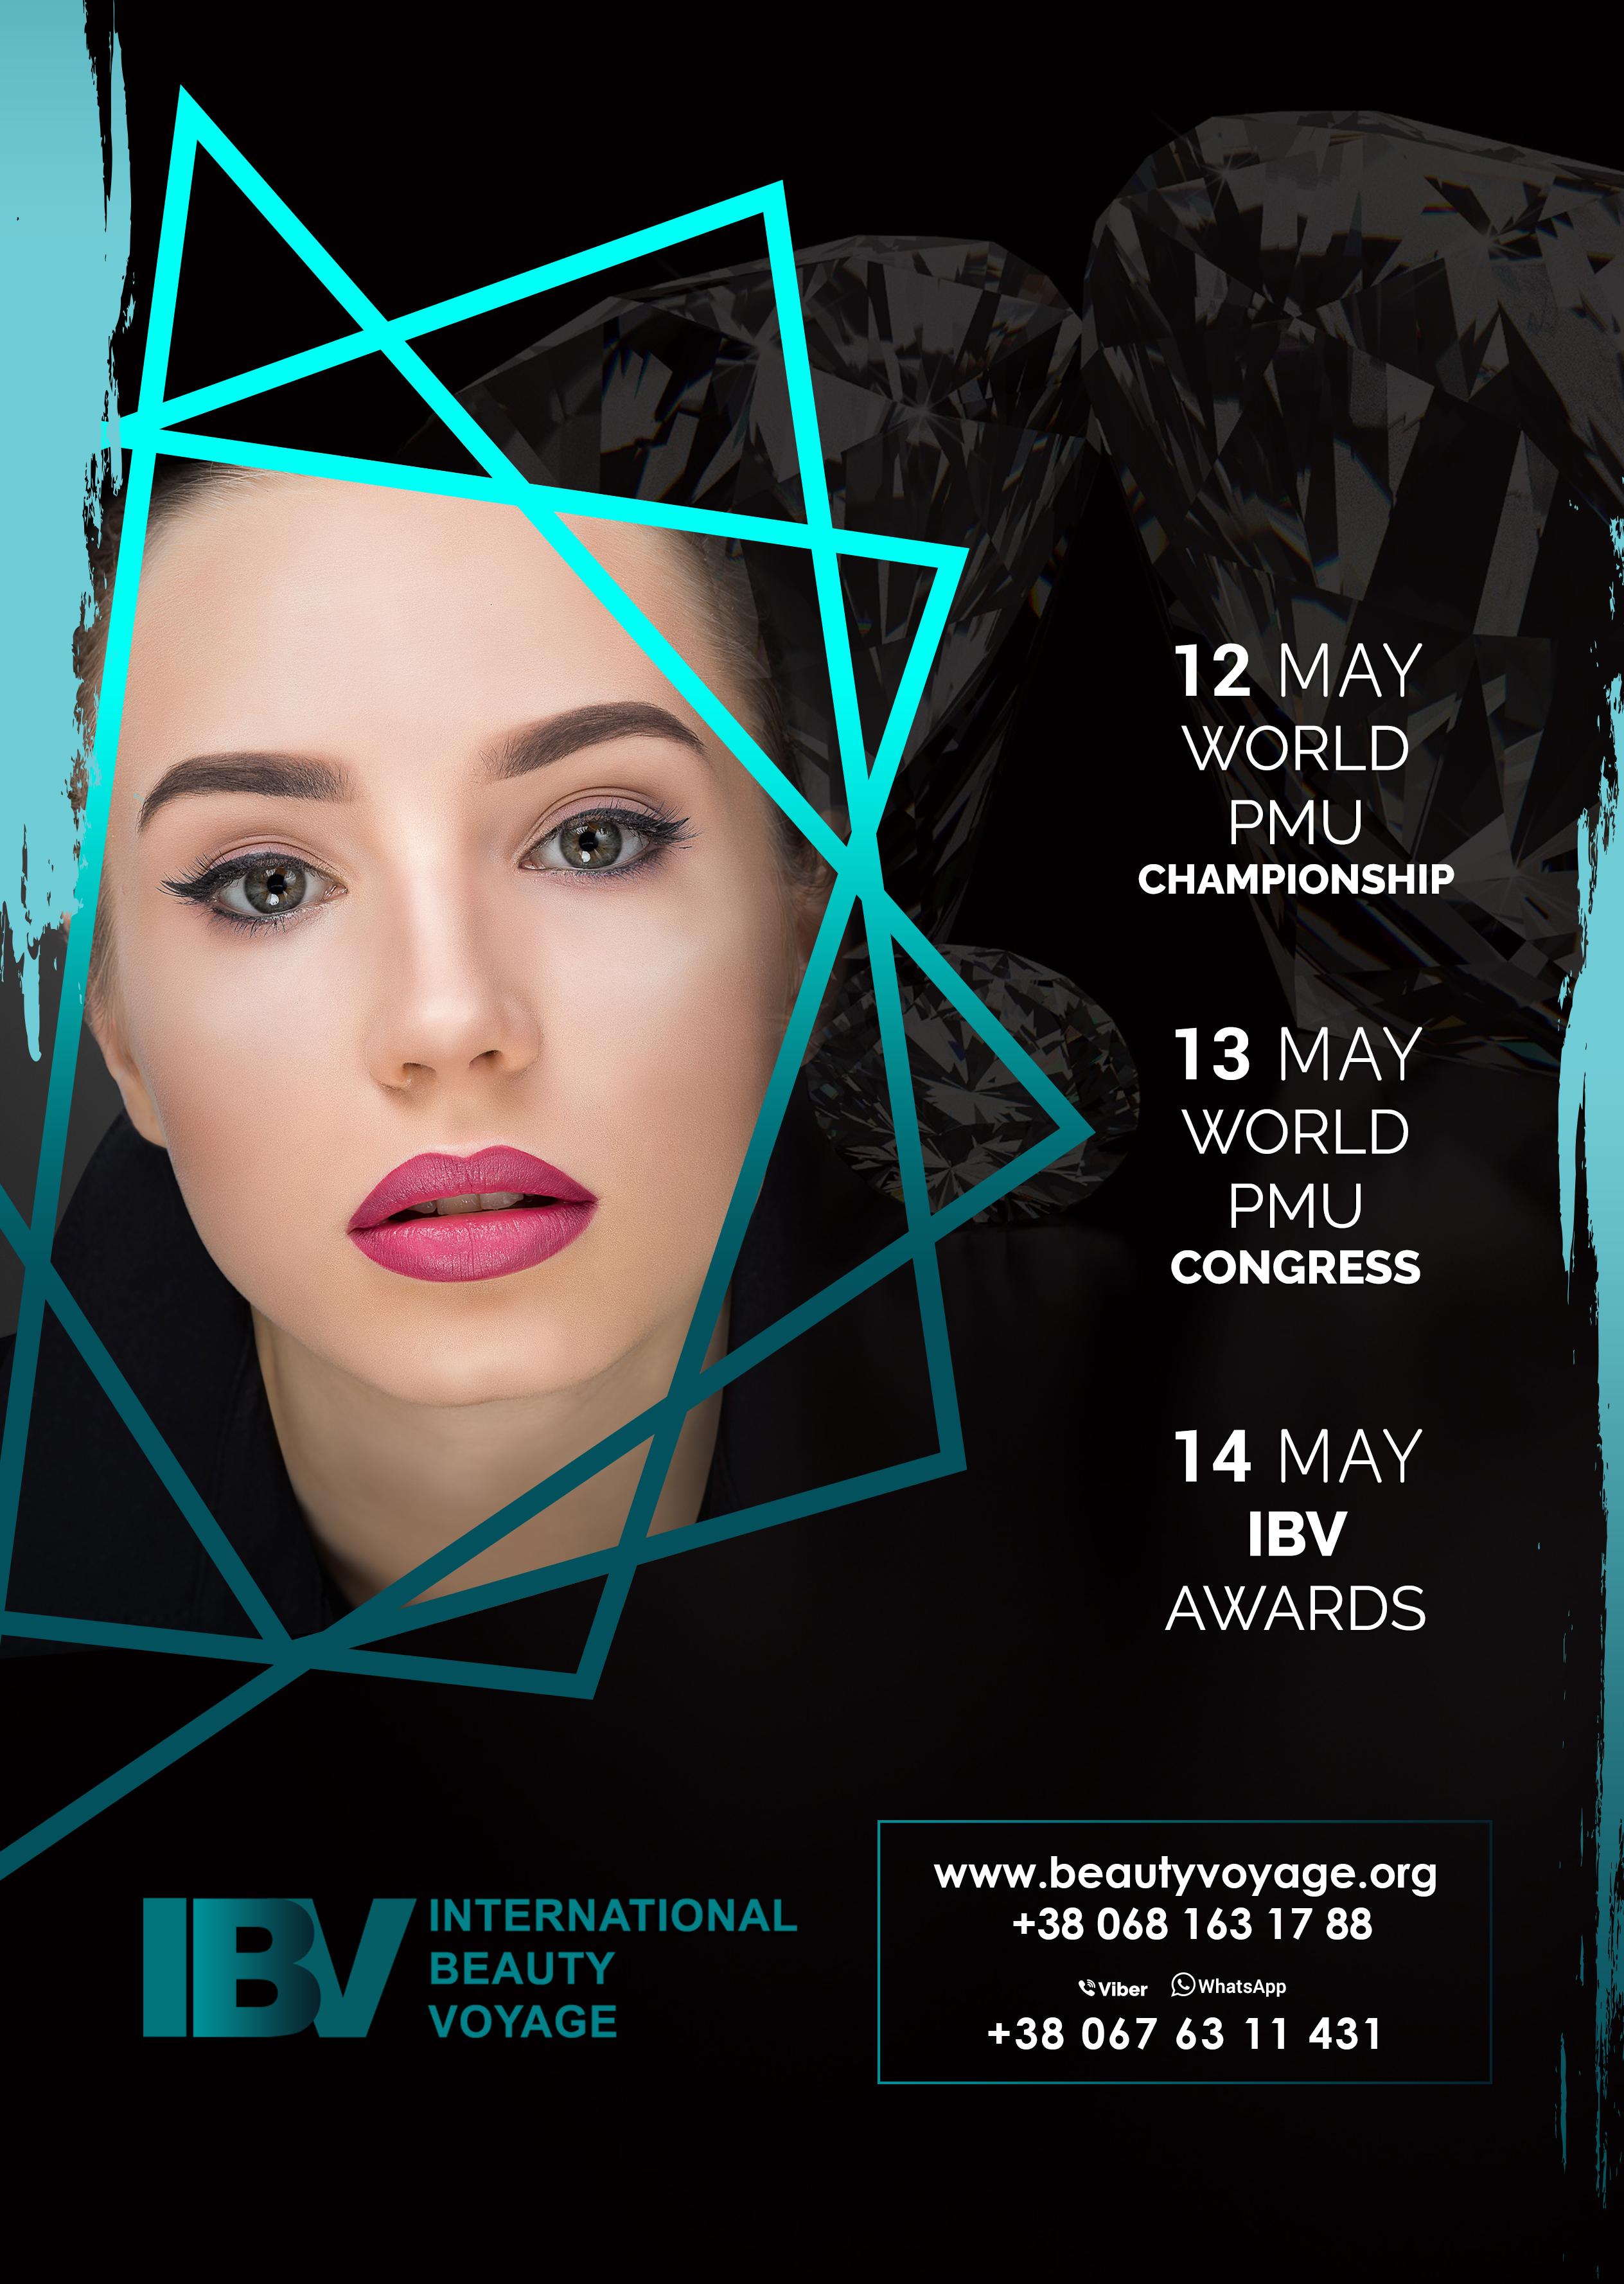 В Киеве пройдет чемпионат по созданию красоты - International Beauty Voyage